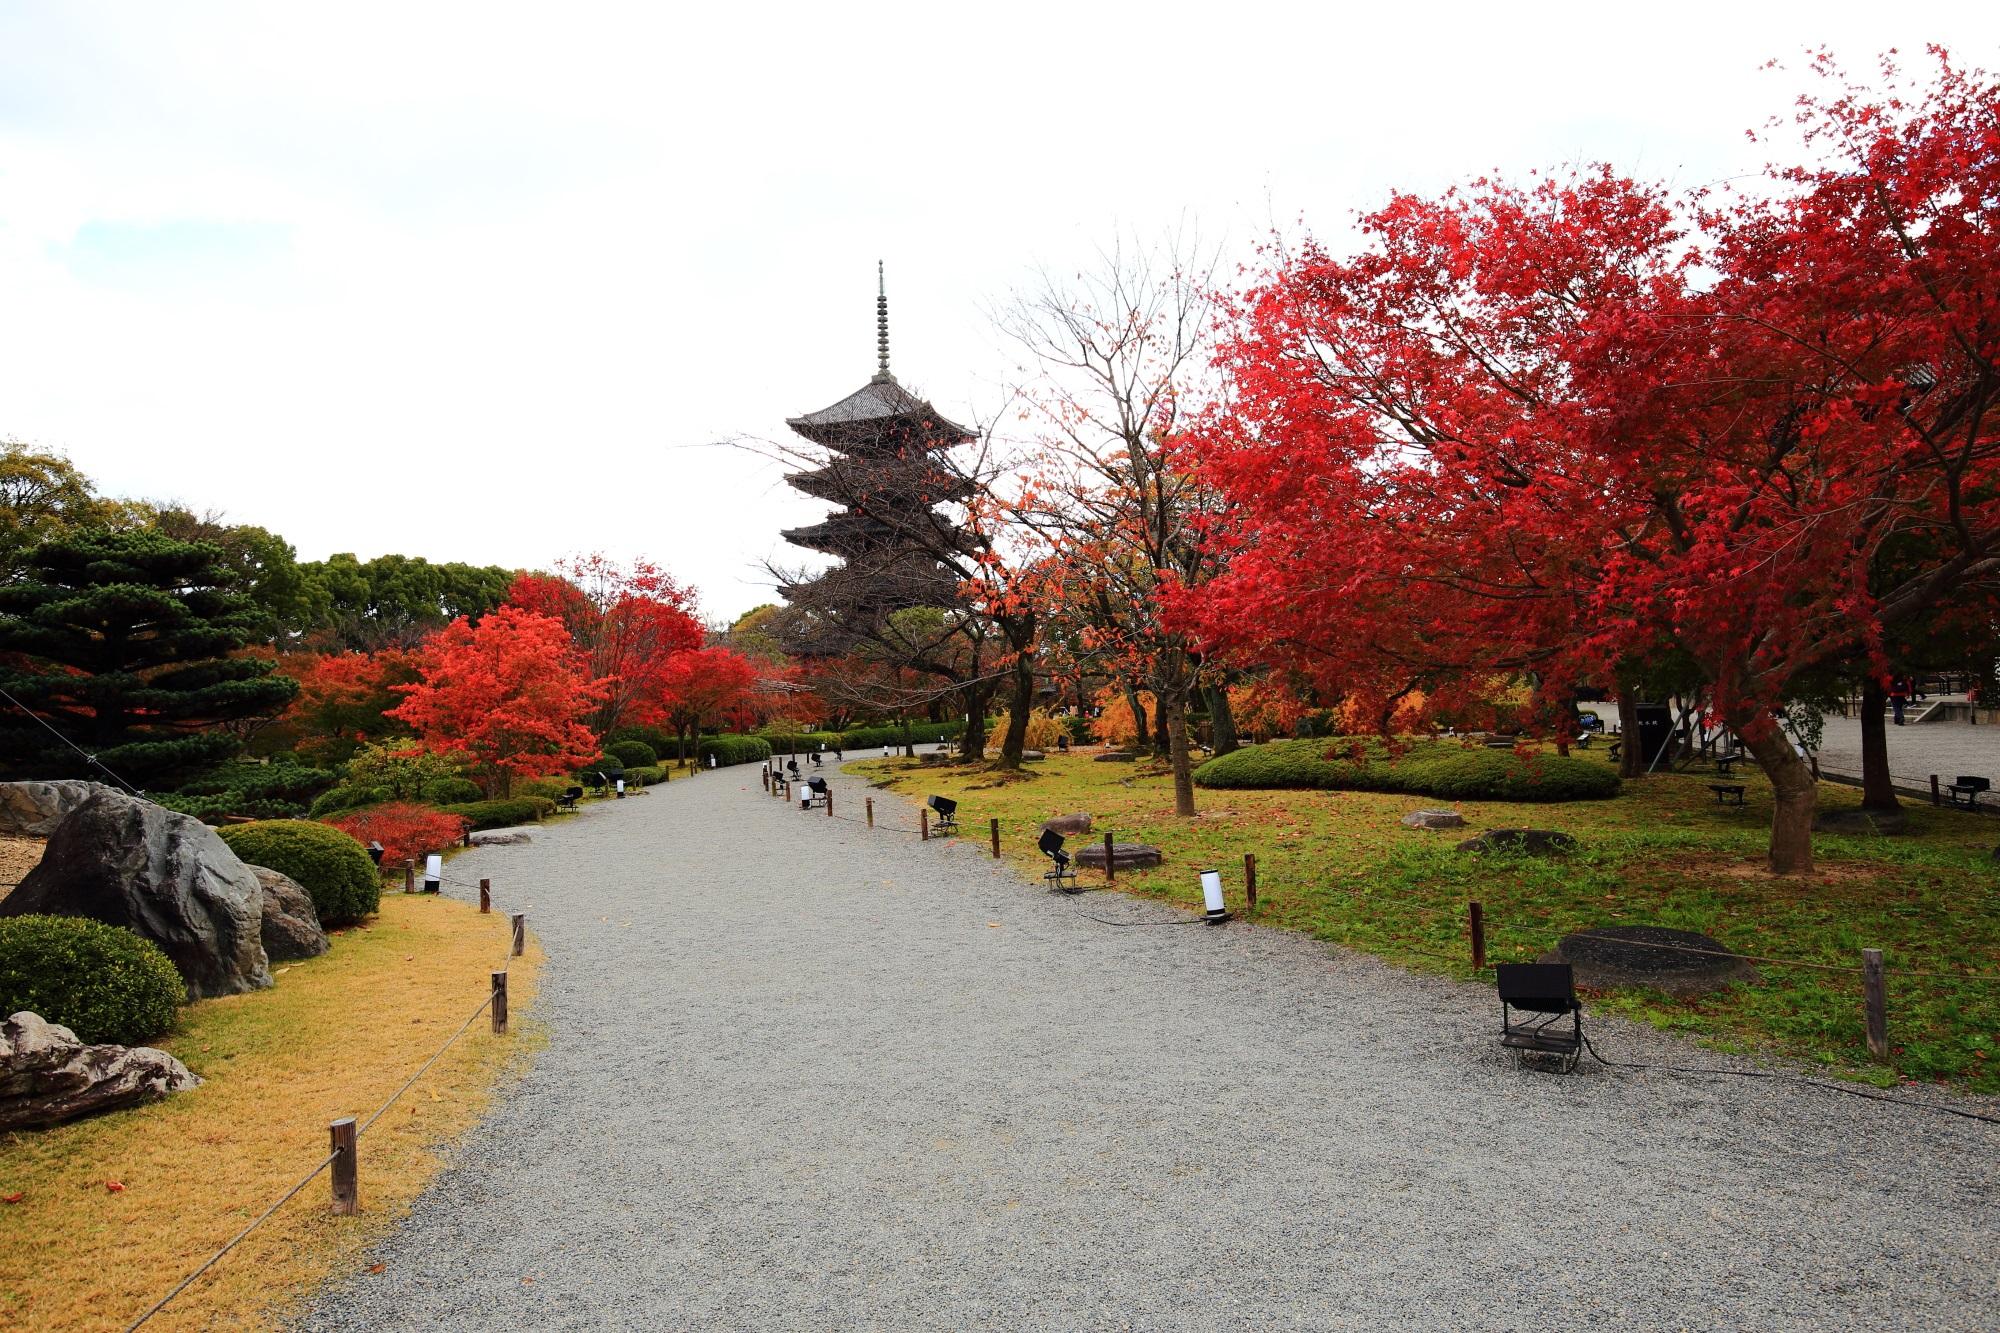 もみじの名所の東寺の見ごろの紅葉と五重塔